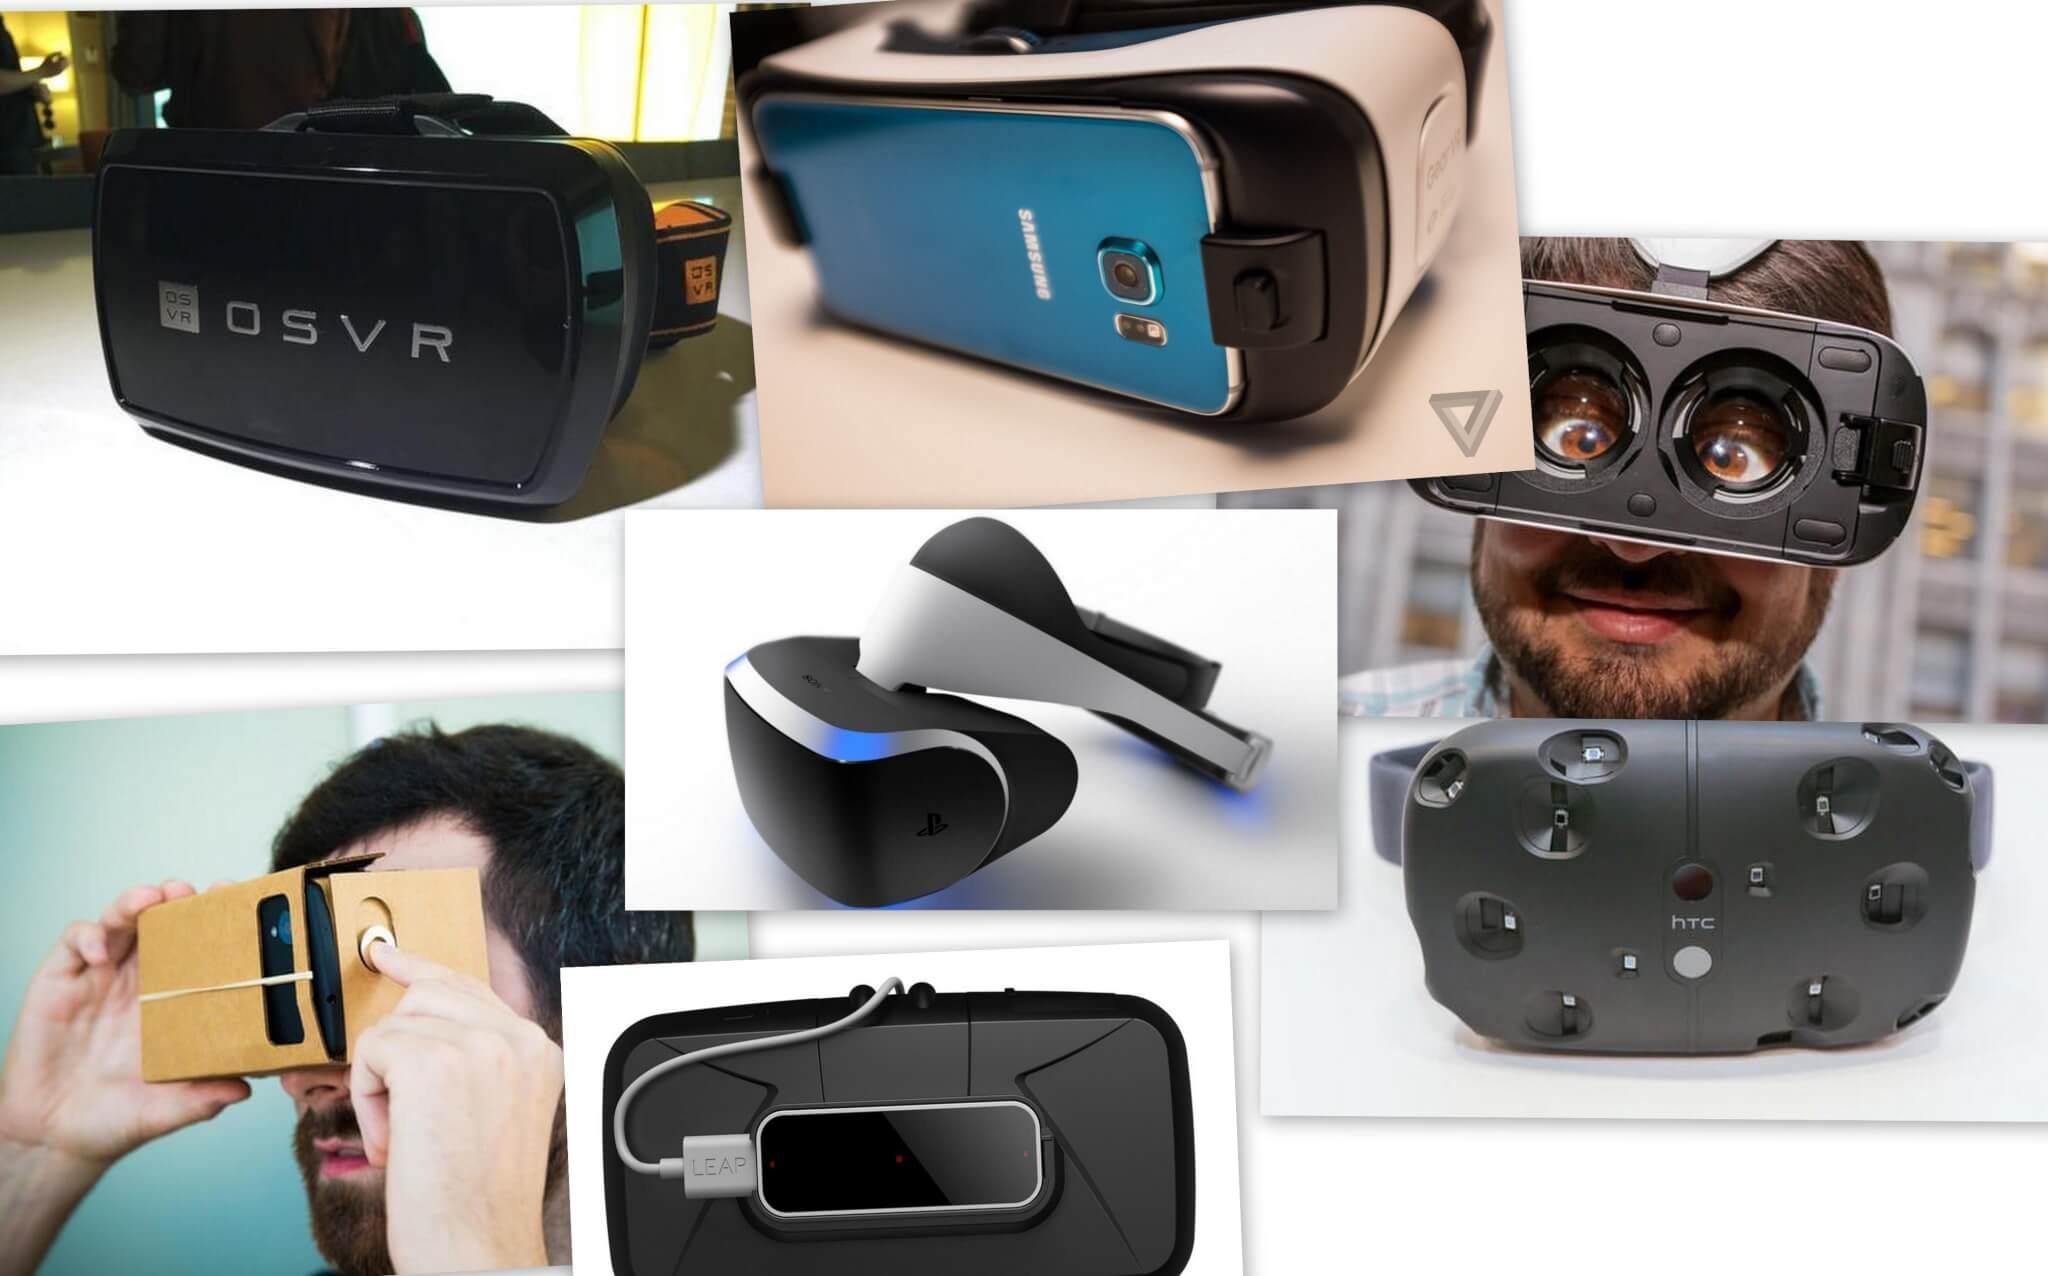 Realidade Virtual: Conheça as principais opções para entrar nesse novo mundo